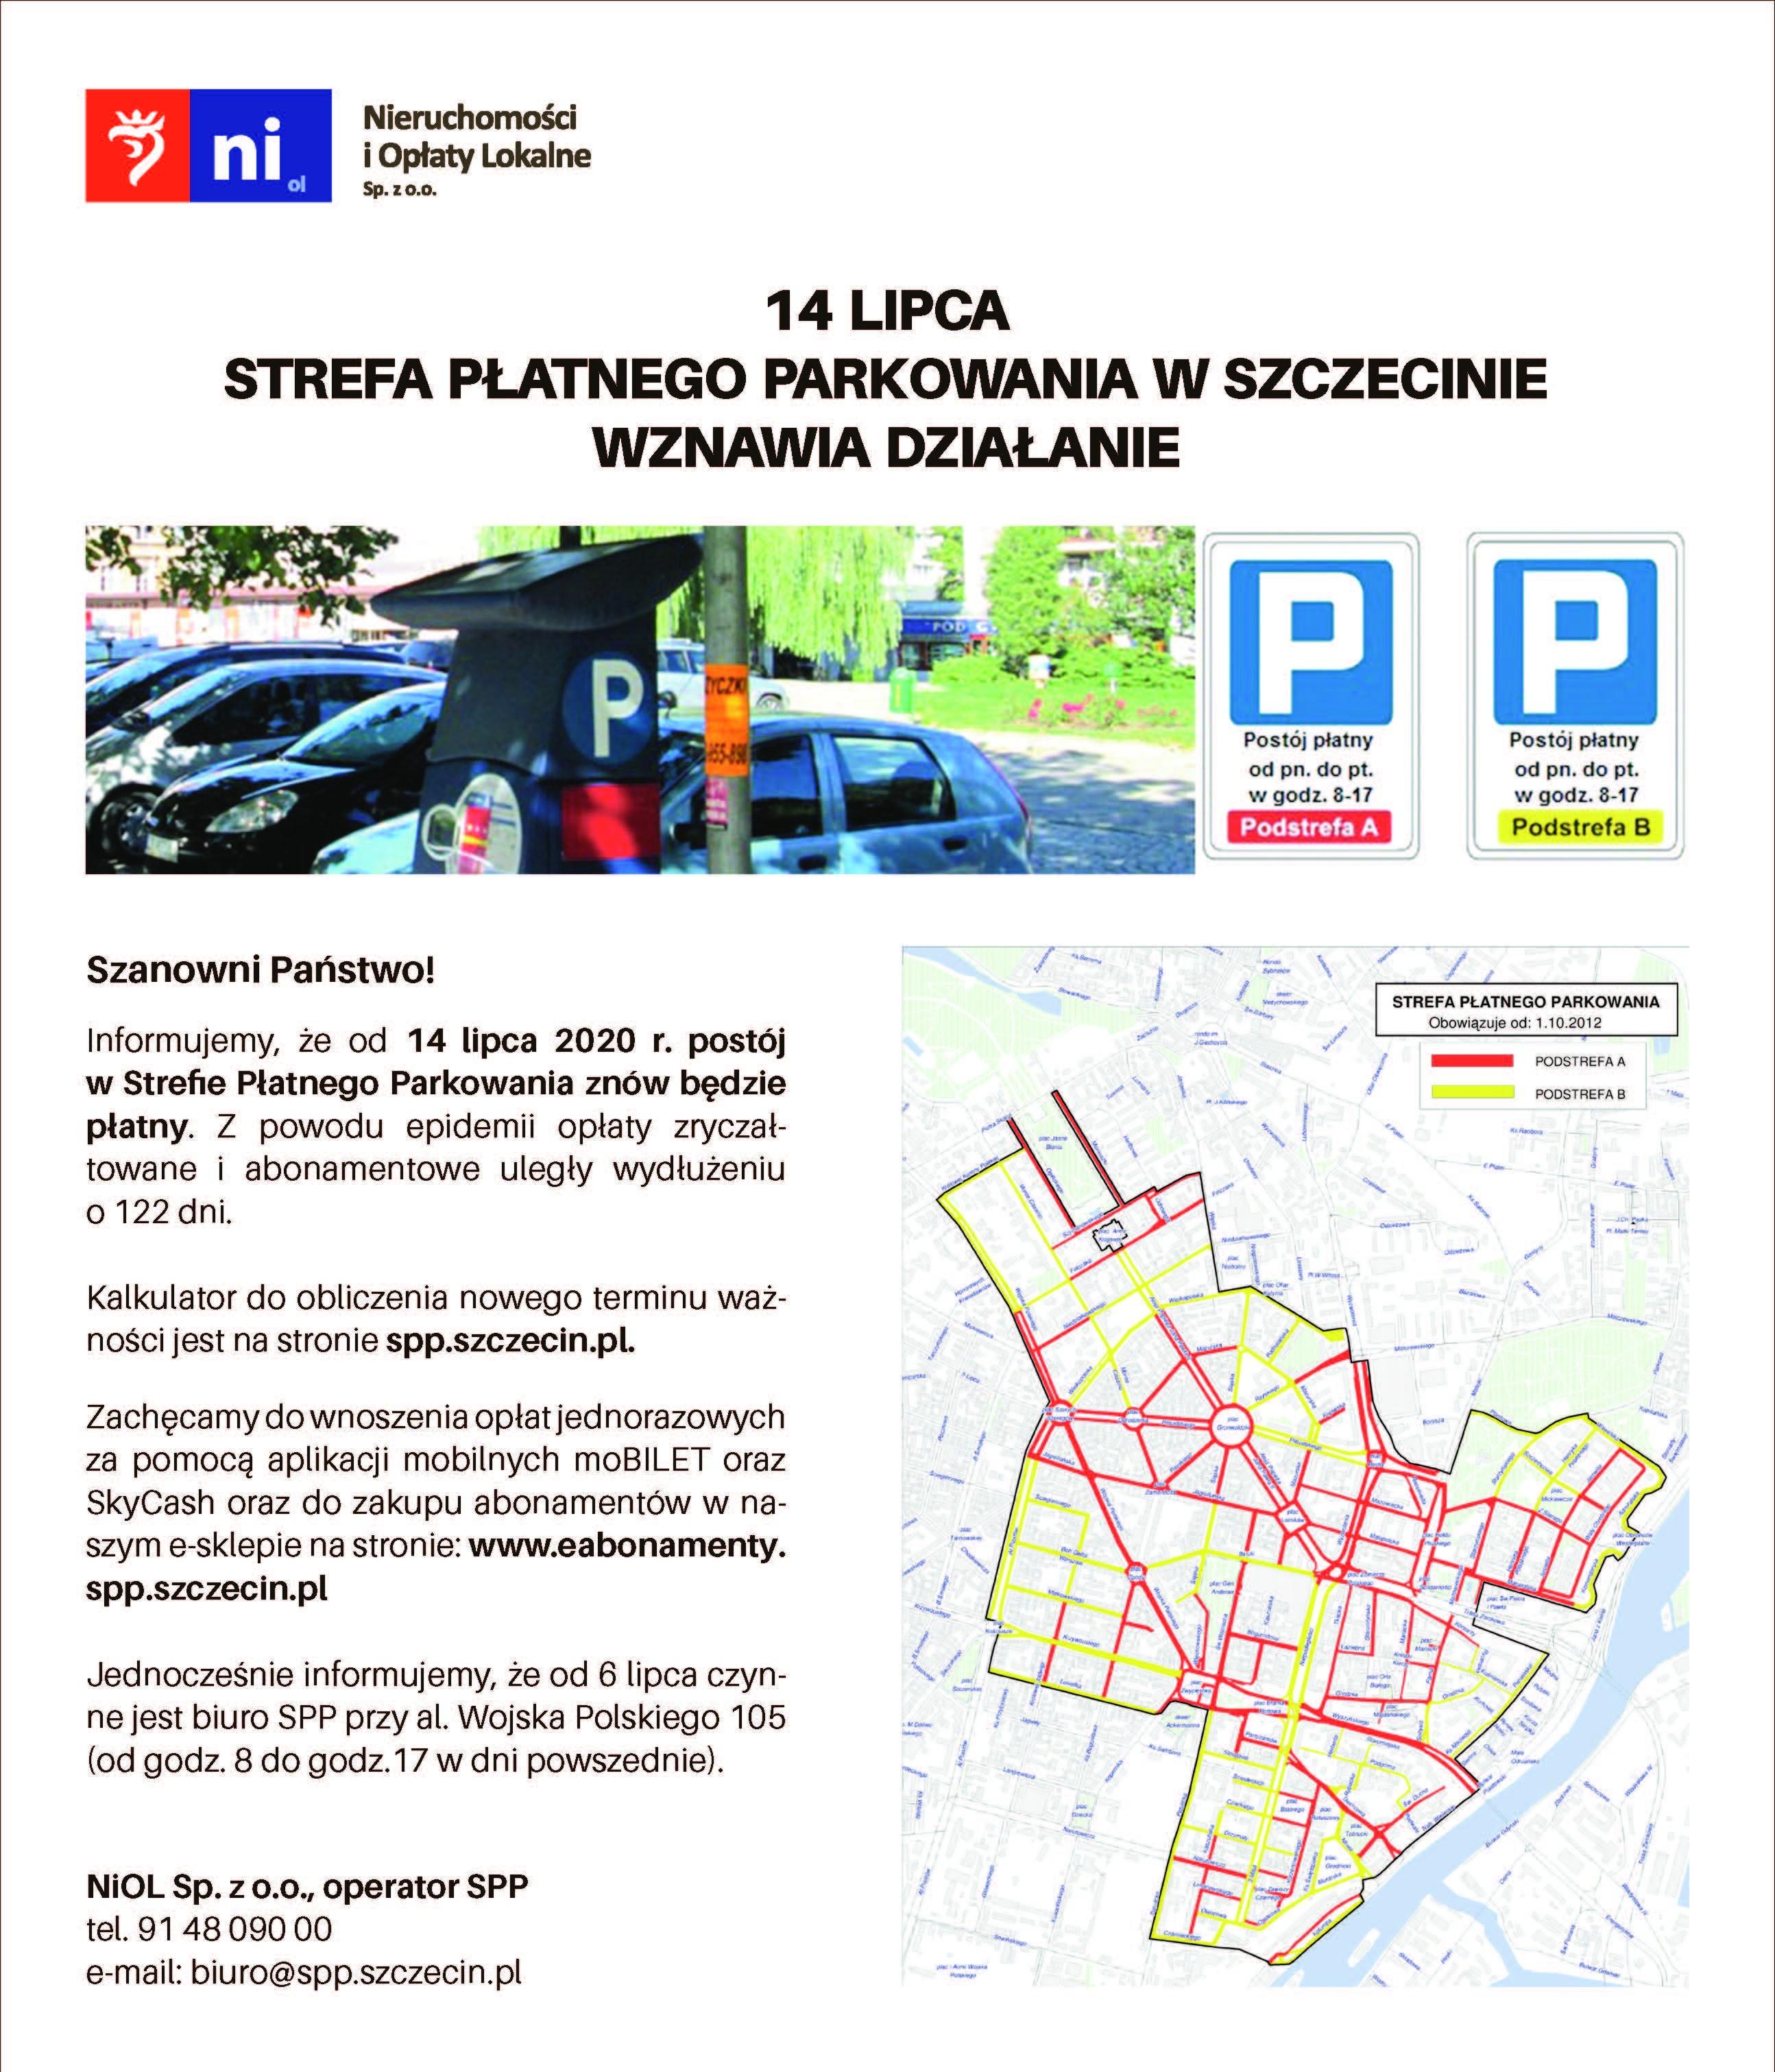 14 lipca wznowienie opłat za Strefę Płatnego Parkowania